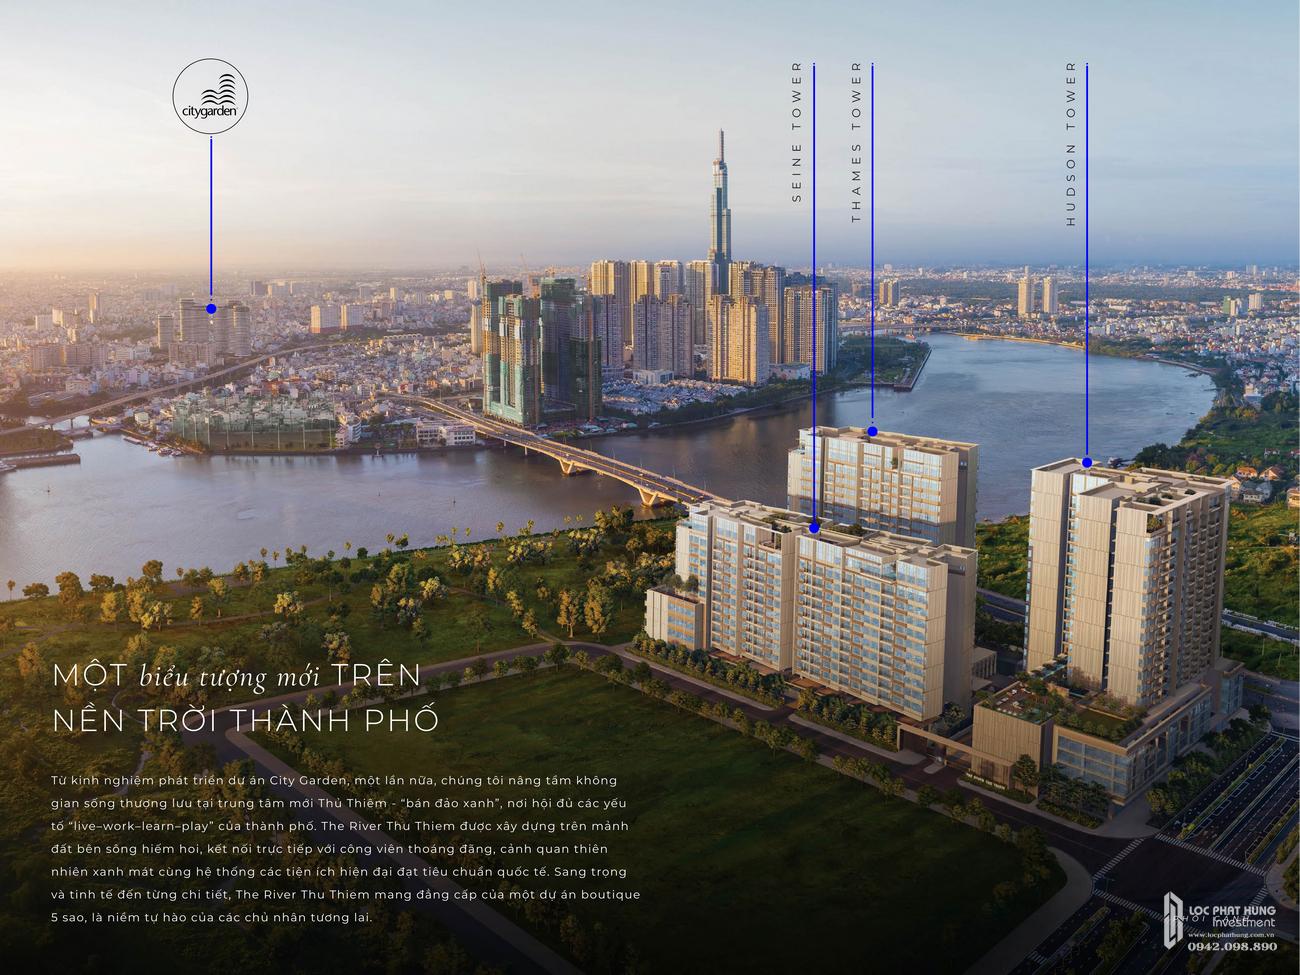 Phối cảnh dự án căn hộ The River Thủ Thiêm Quận 2 Đường Nguyễn Cơ Thạch chủ đầu tư Refico